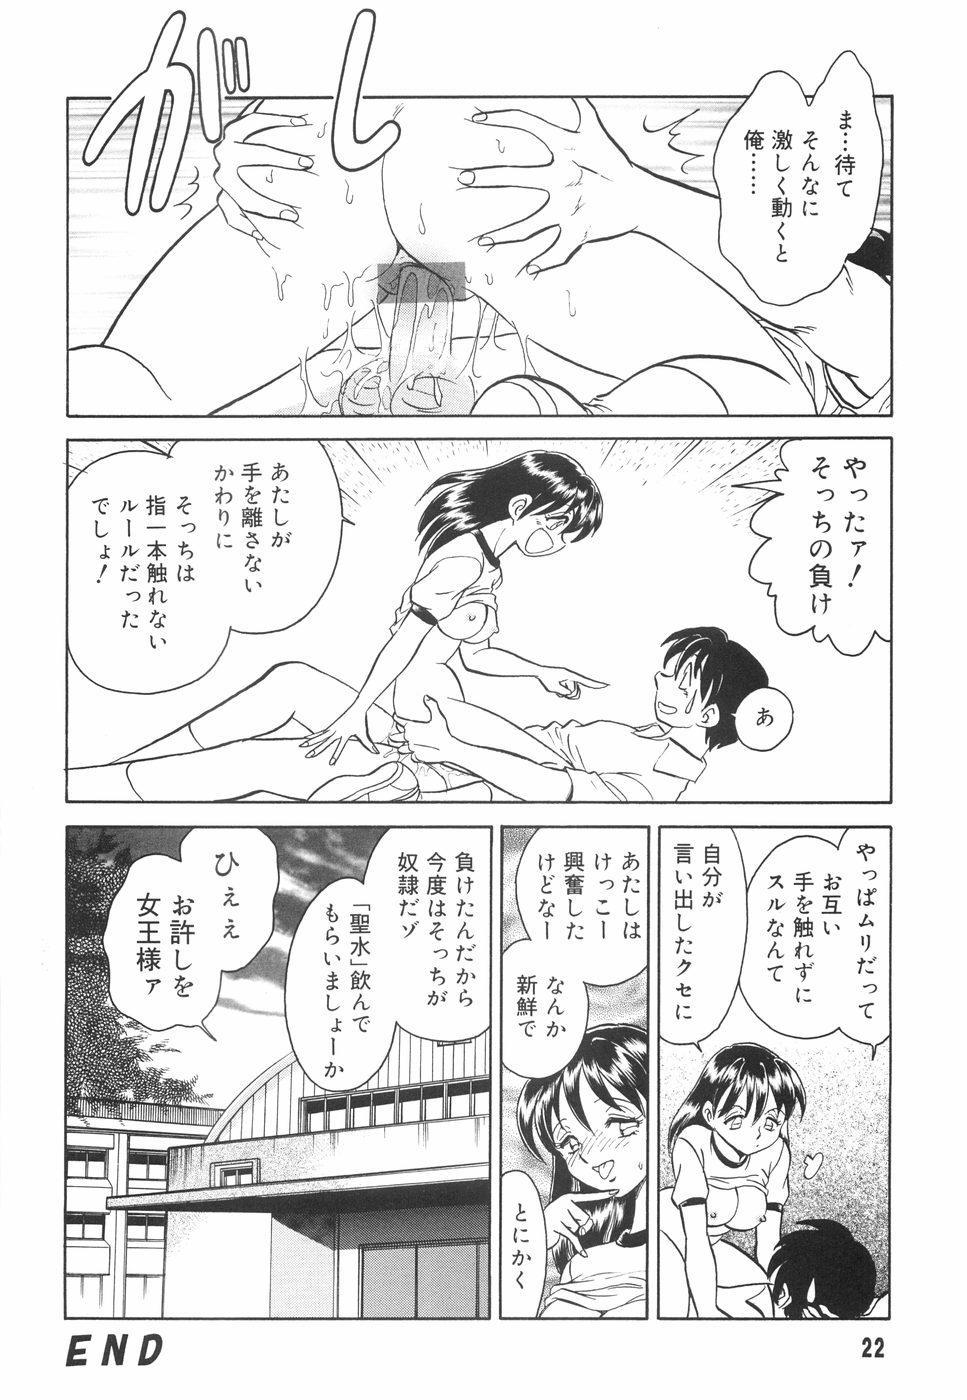 Hazukashime no Jikan 22